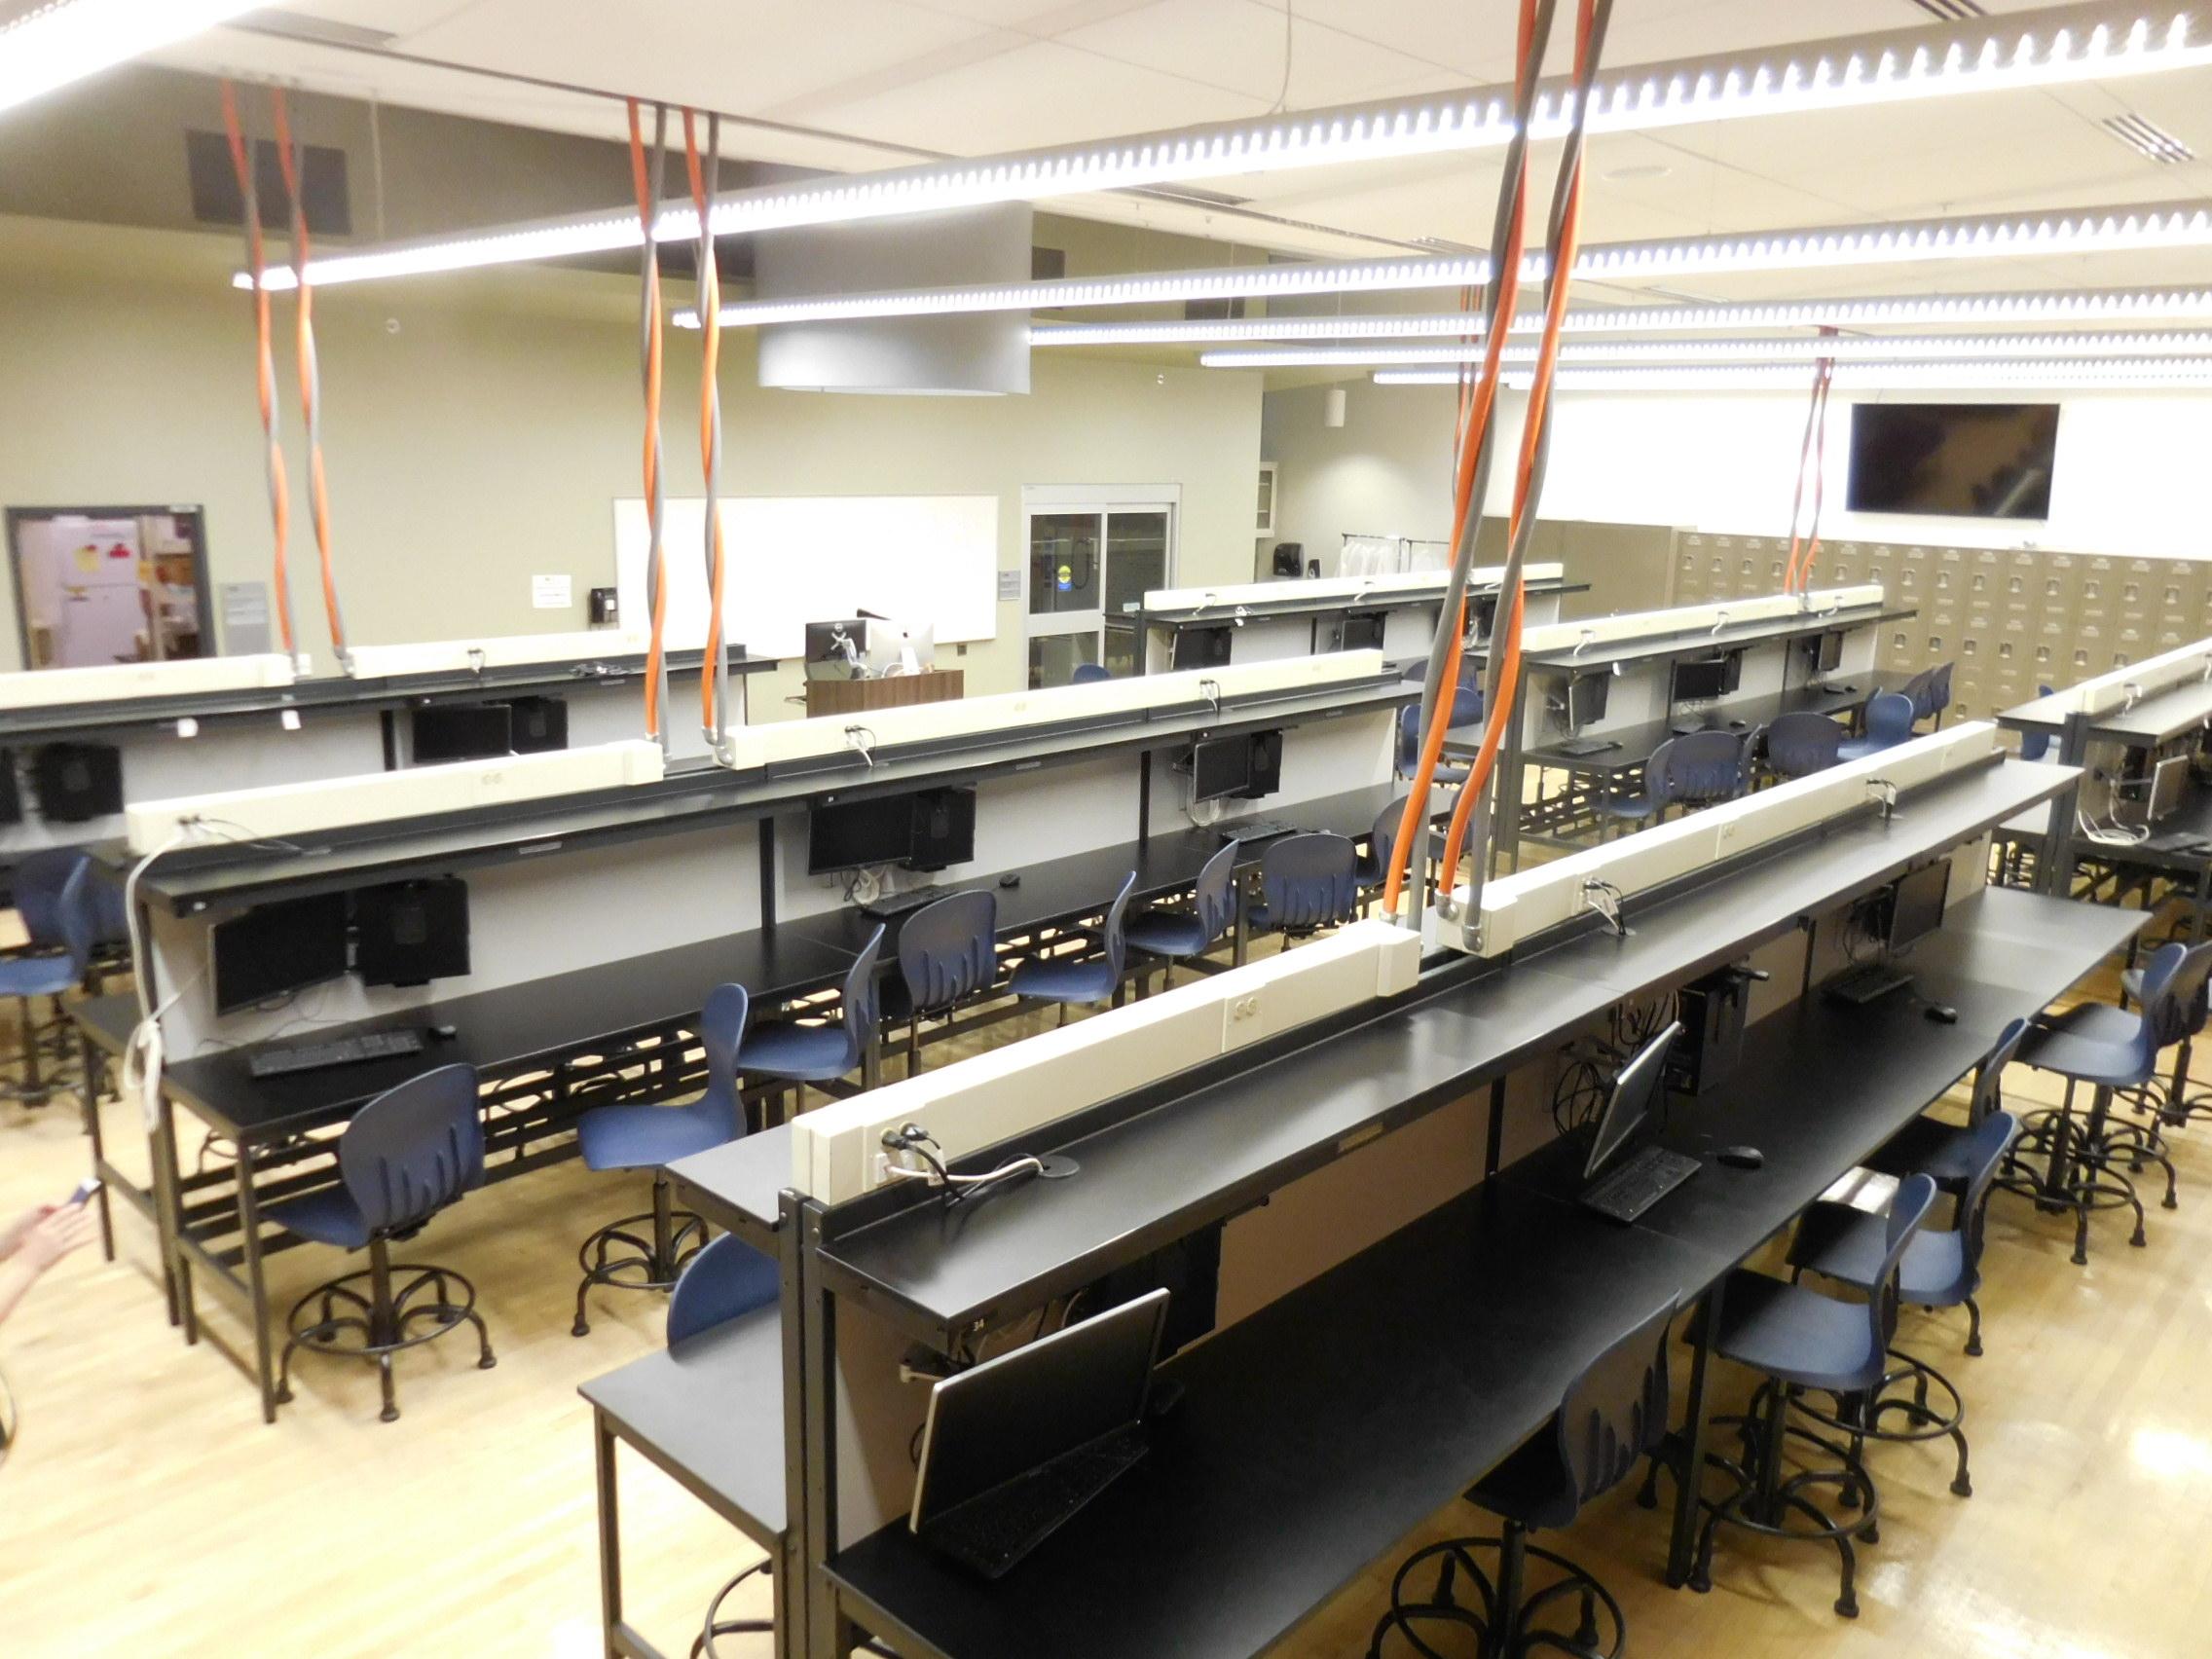 Millwork lab workbenches